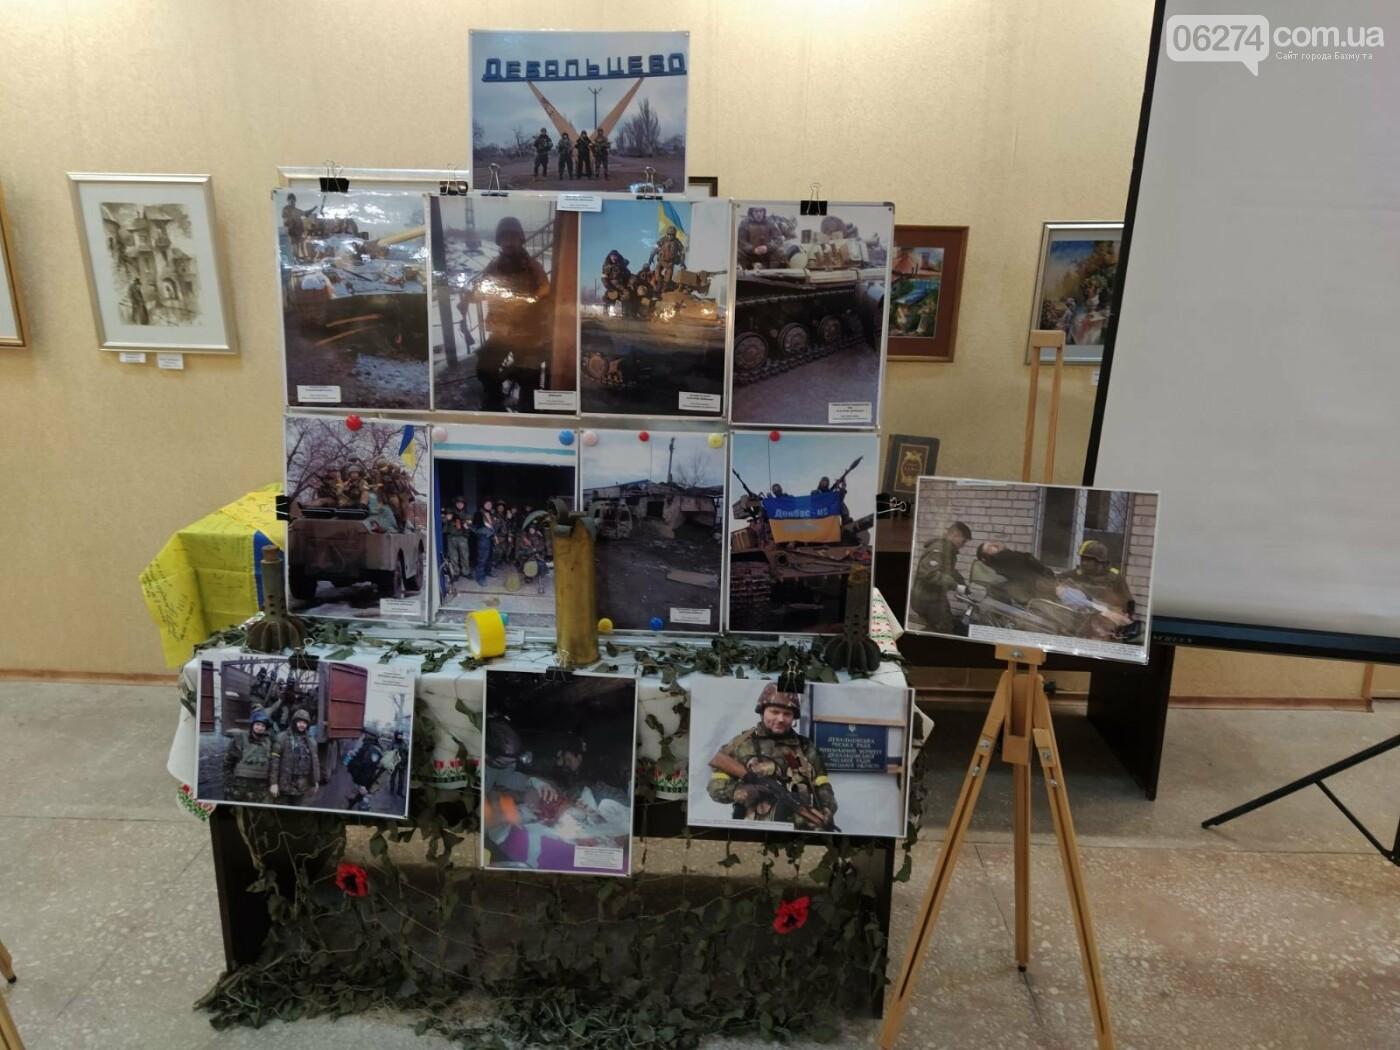 В Бахмуте отметили пятую годовщину вывода сил АТО из Дебальцево, фото-3